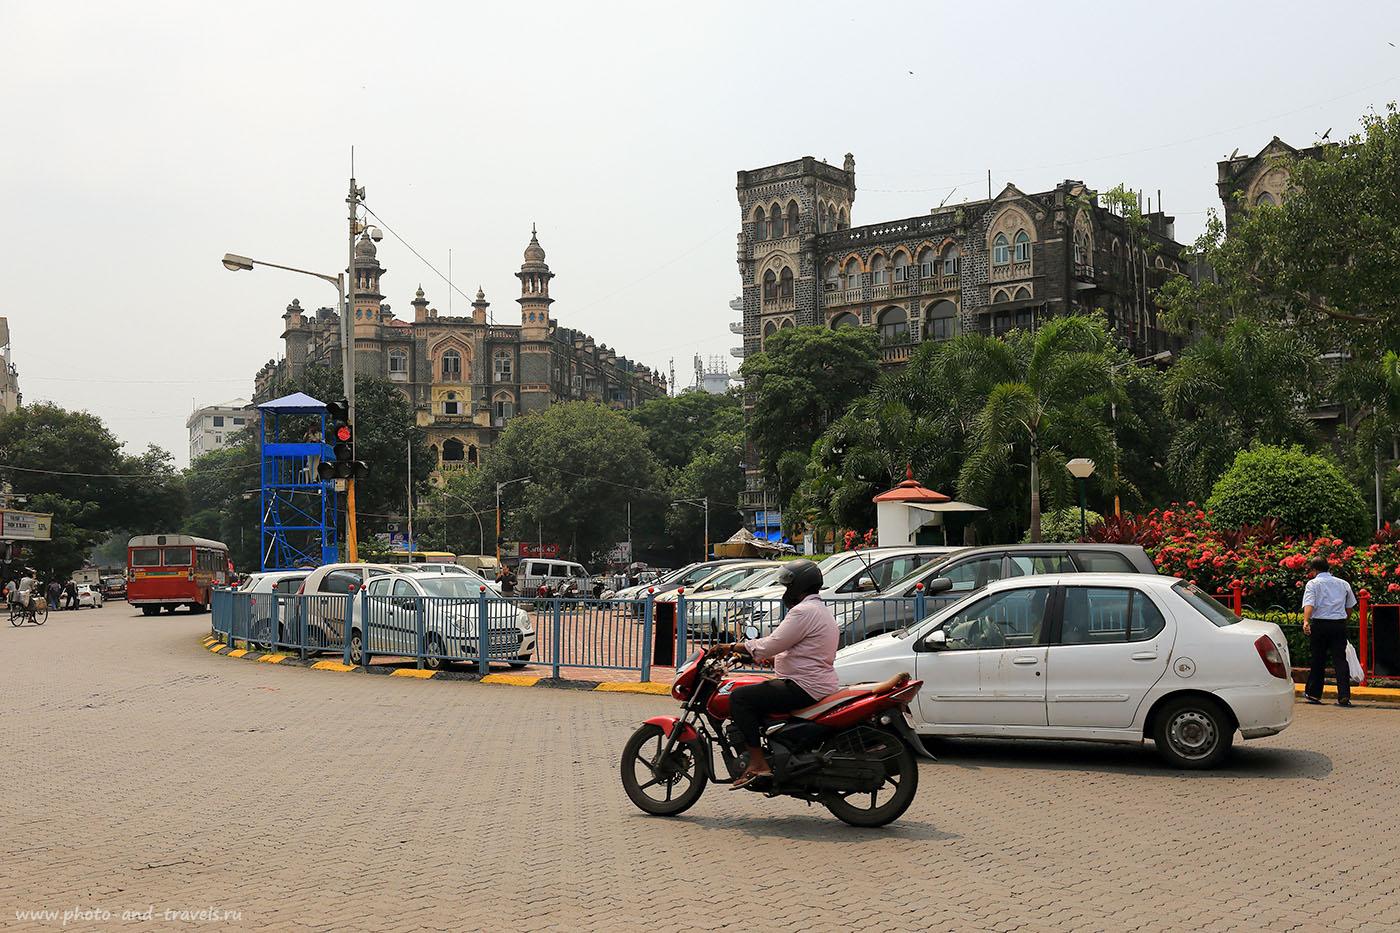 Фото №9. Перекресток с вышкой для регулировщика в Мумбаи. Отзывы туристов об отдыхе в Индии. (24-70, 1/1000, -1eV, f7.1, 37 mm, ISO 100)